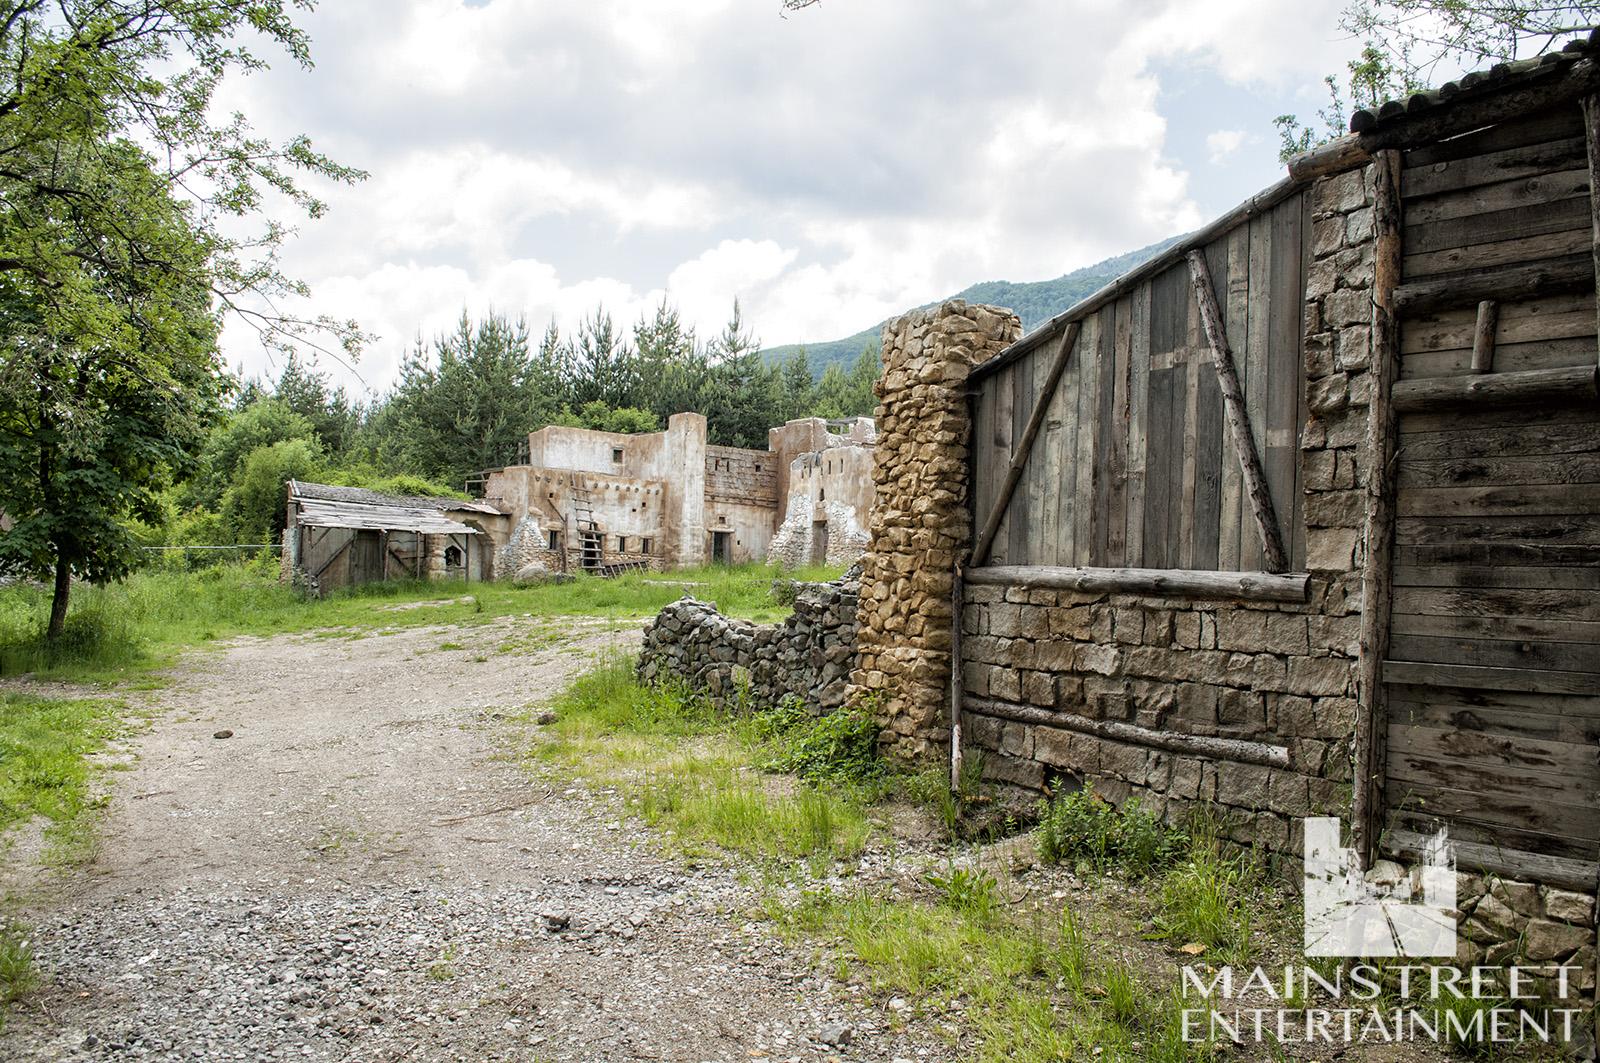 middle ages village set